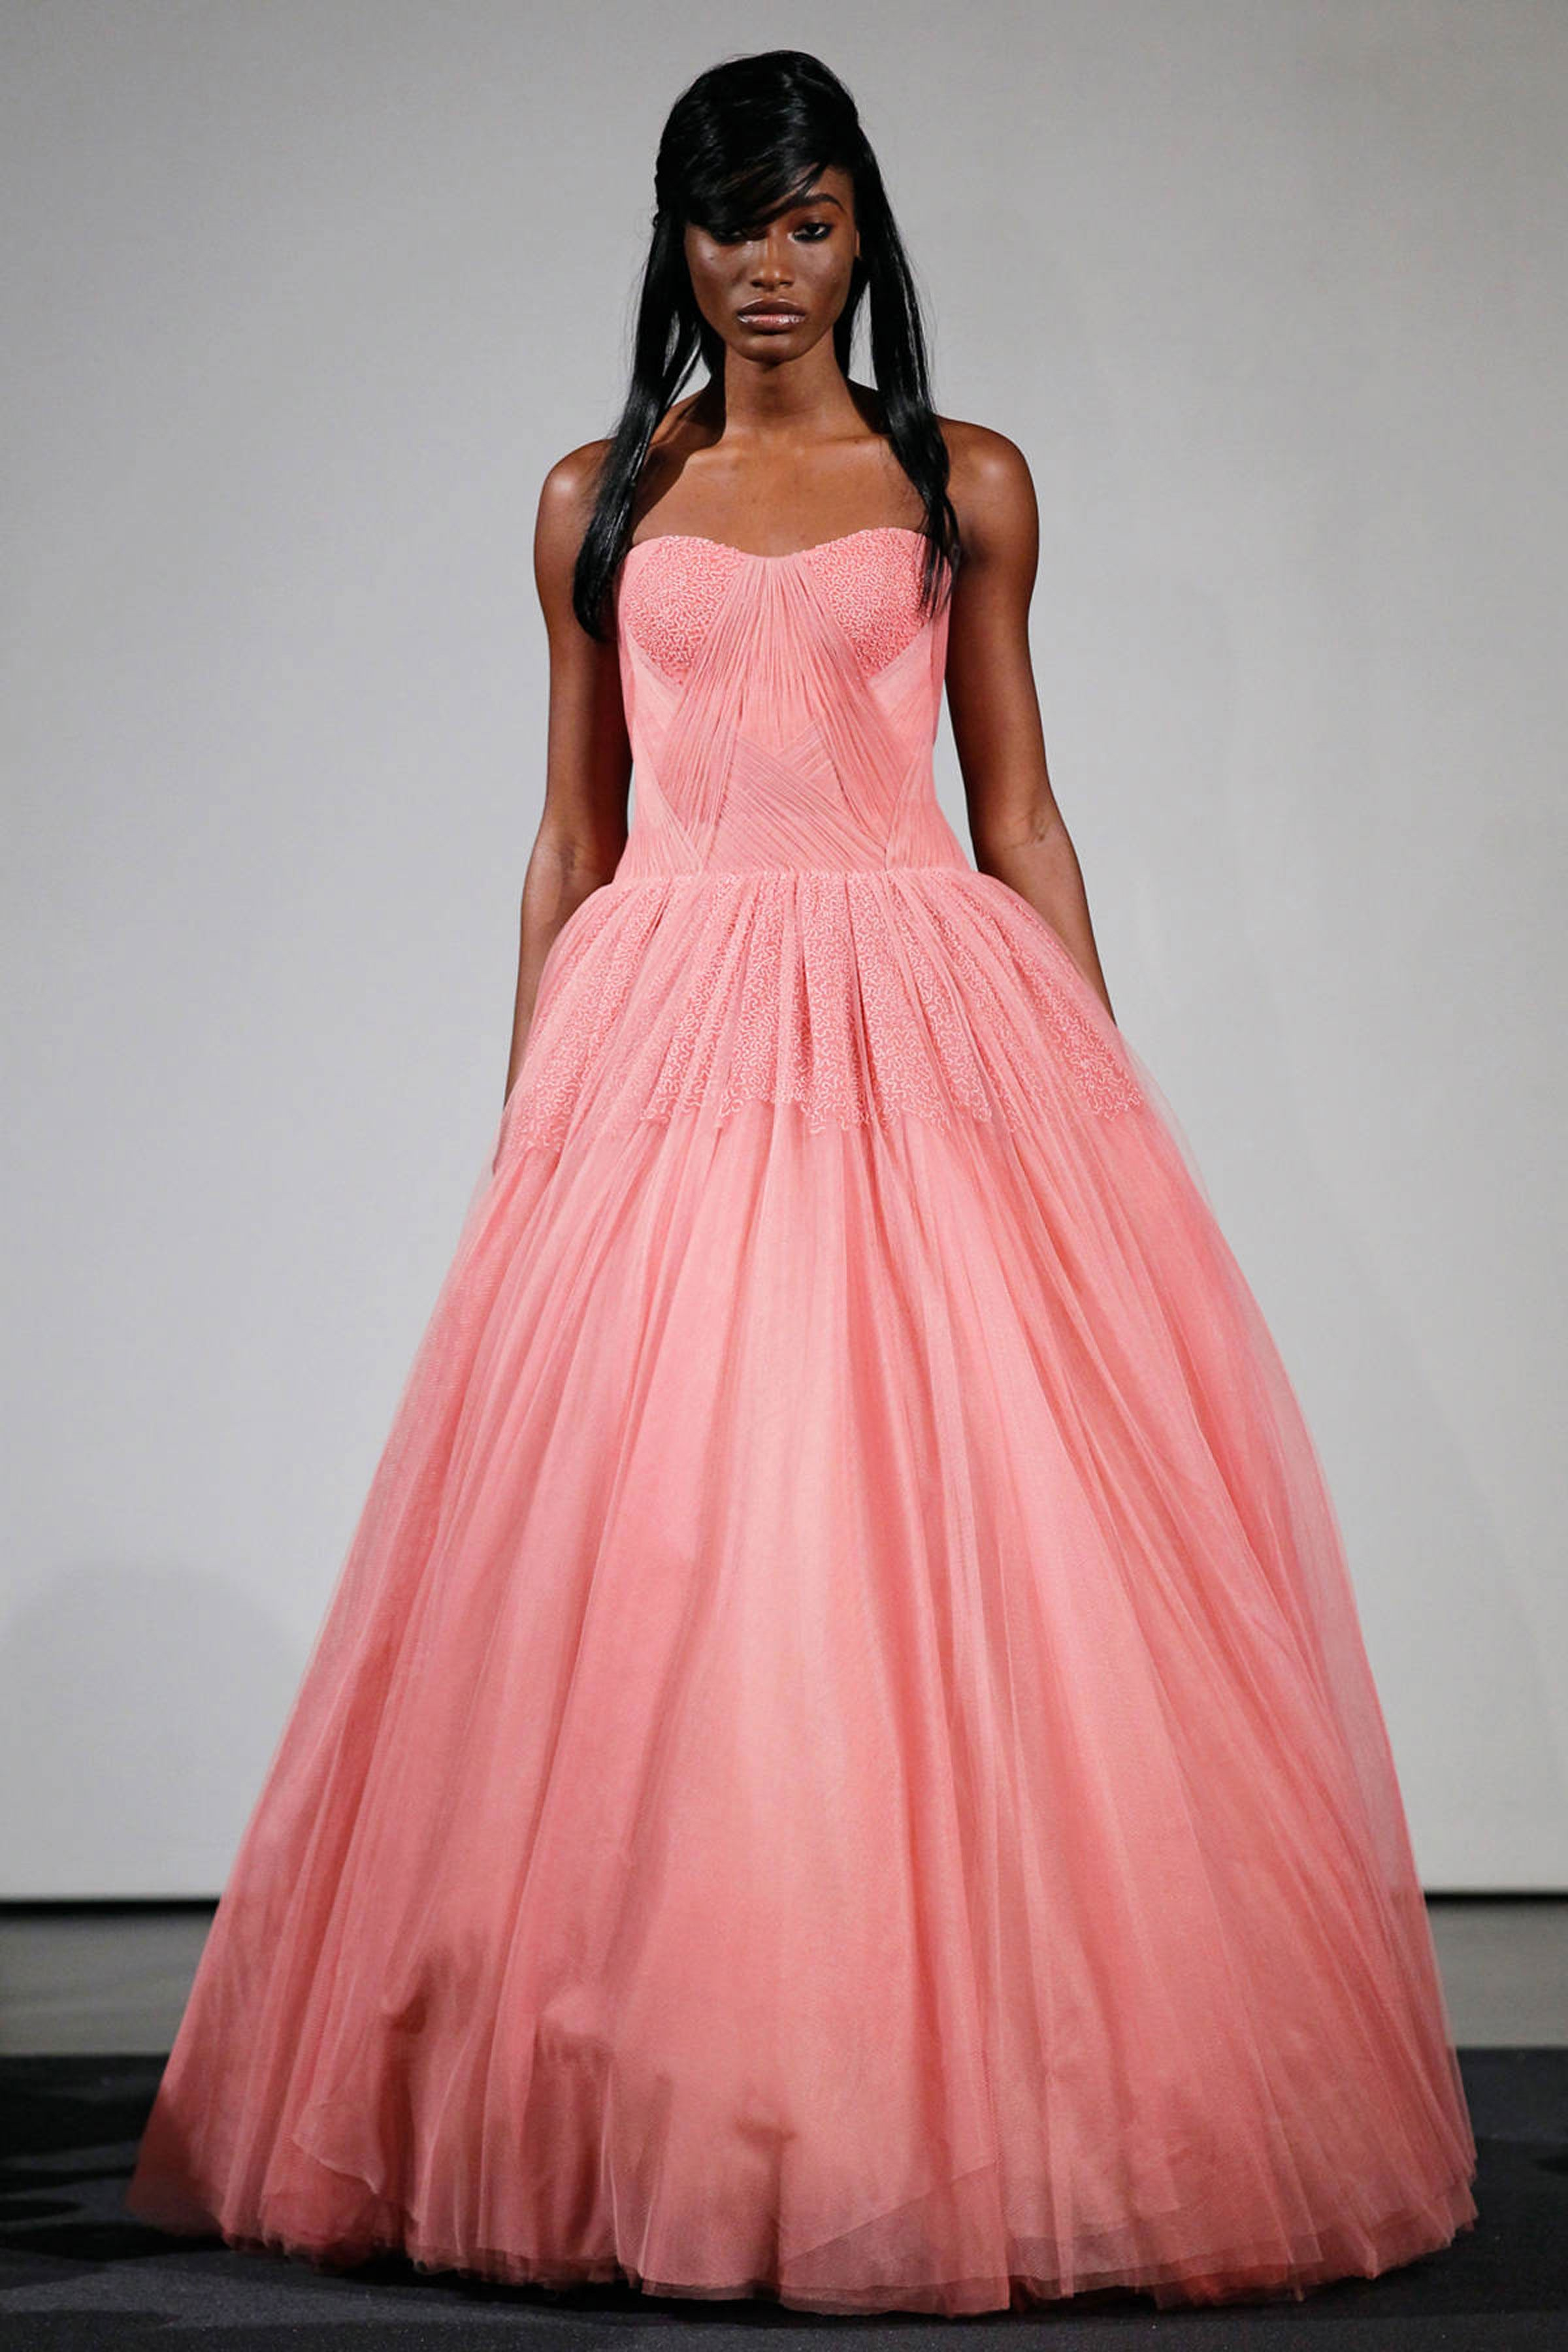 Asombroso Vera Wang Wedding Dresses Rent Elaboración - Colección de ...